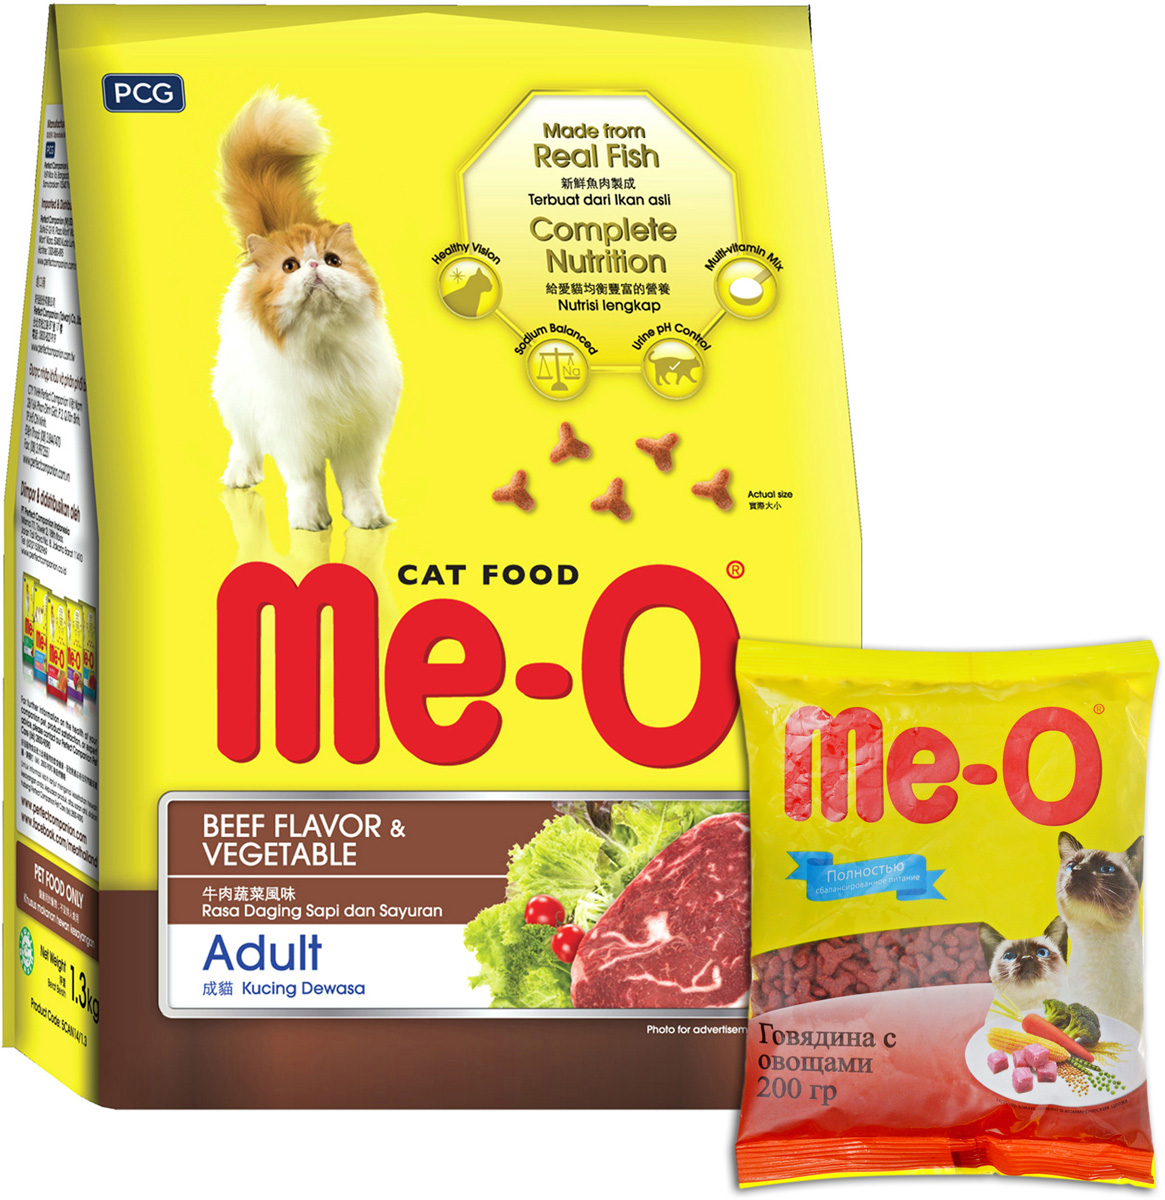 Корм сухой для кошек и котов PCG Ме-О, говядина с овощами, 200 г, 35 шт витамины daily max